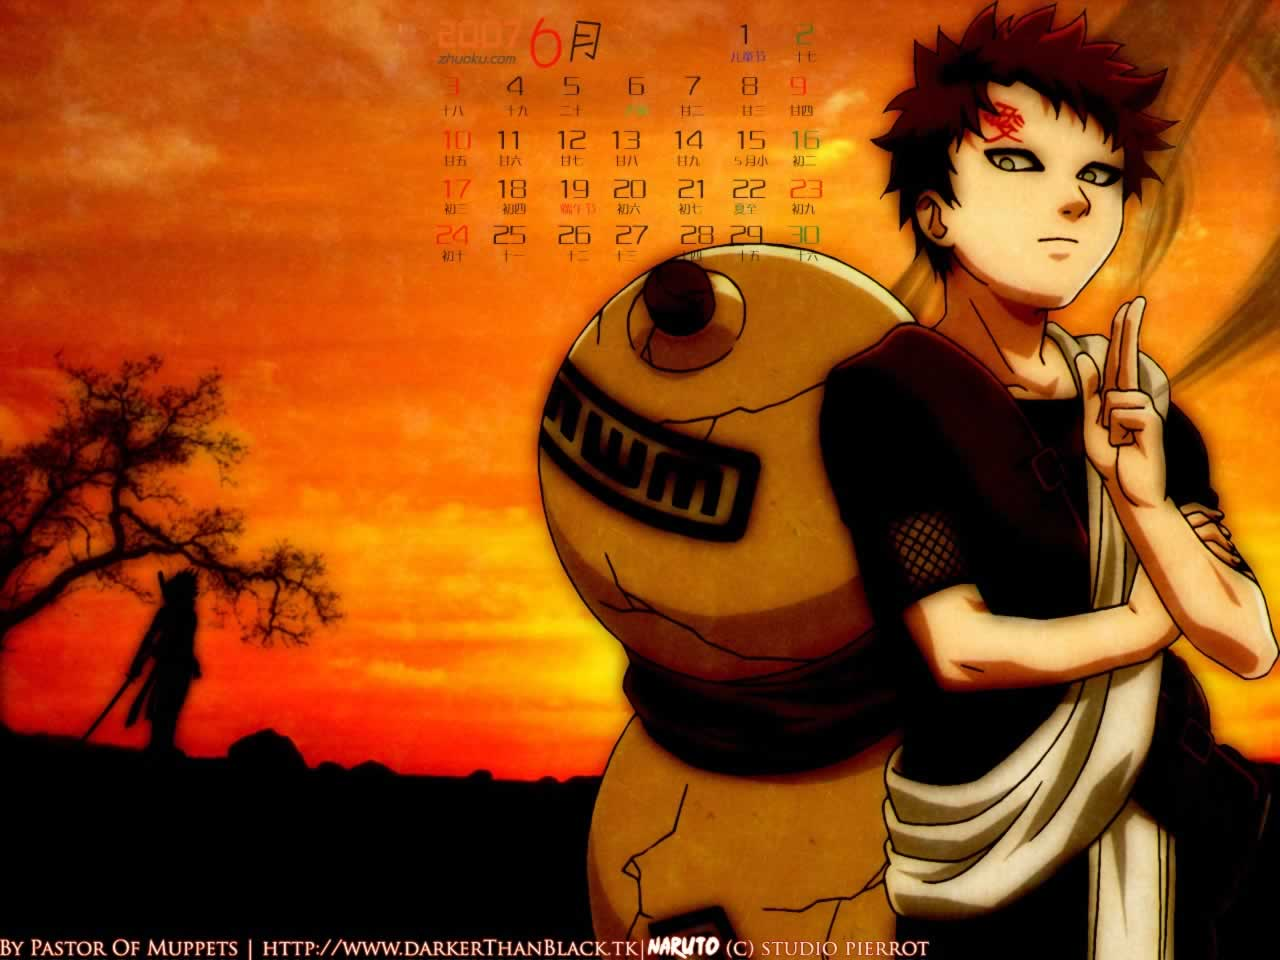 http://1.bp.blogspot.com/_RmiH2MnboJQ/TUQPnzmcnsI/AAAAAAAABCA/w3euHqAHJck/s1600/naruto-june-calendar-wallpaper-3.jpg